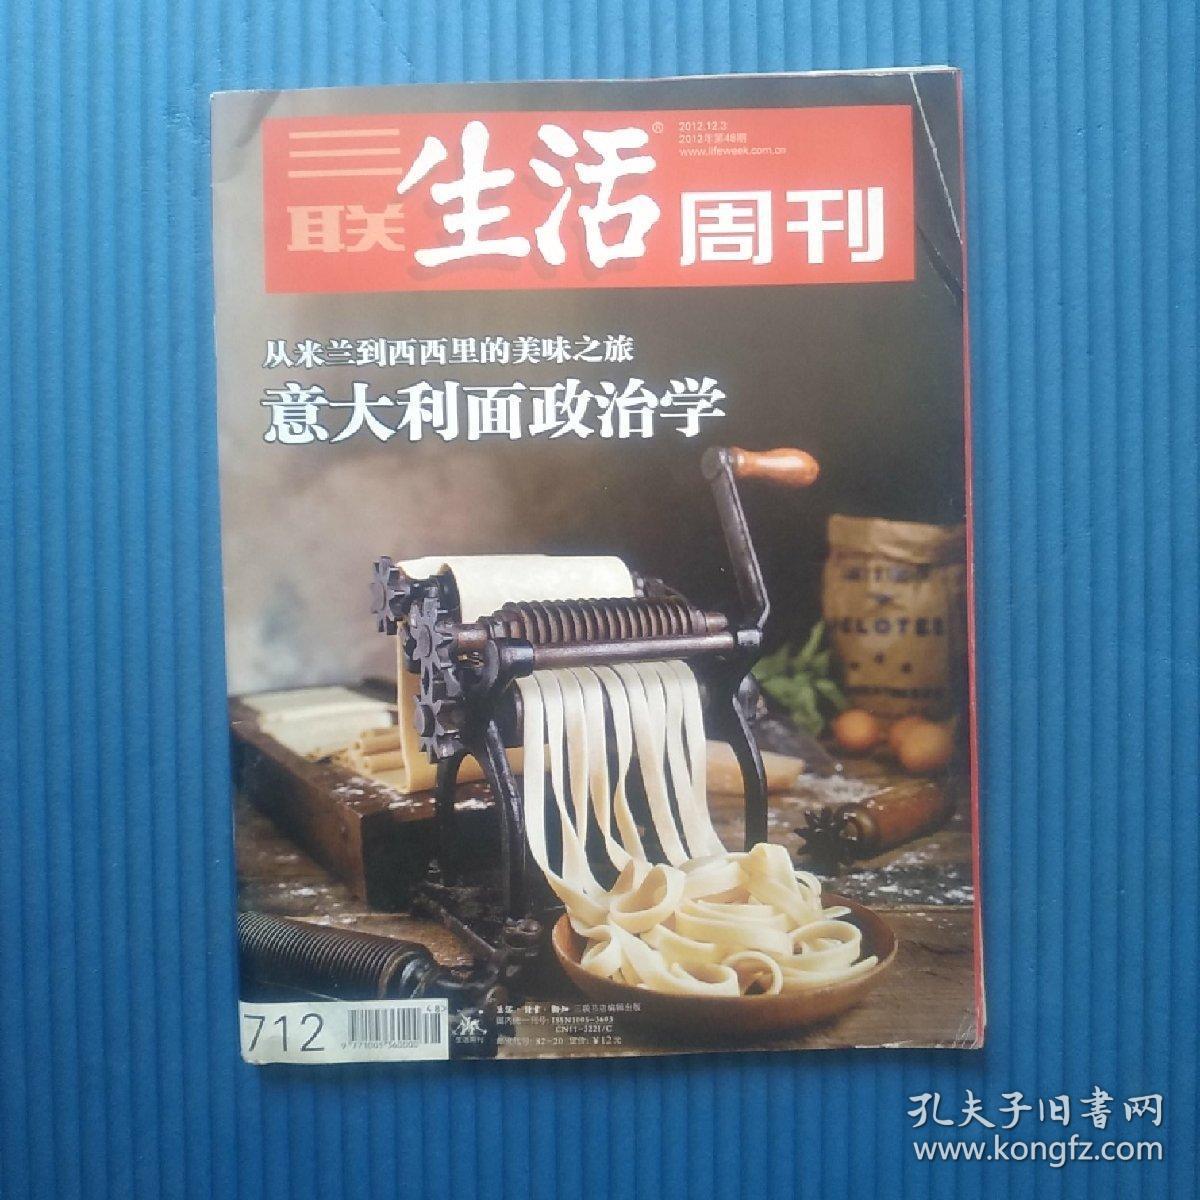 期刊杂志:三联生活周刊2012年第48期:意大利面政治学:从米兰到西西里的美味之旅